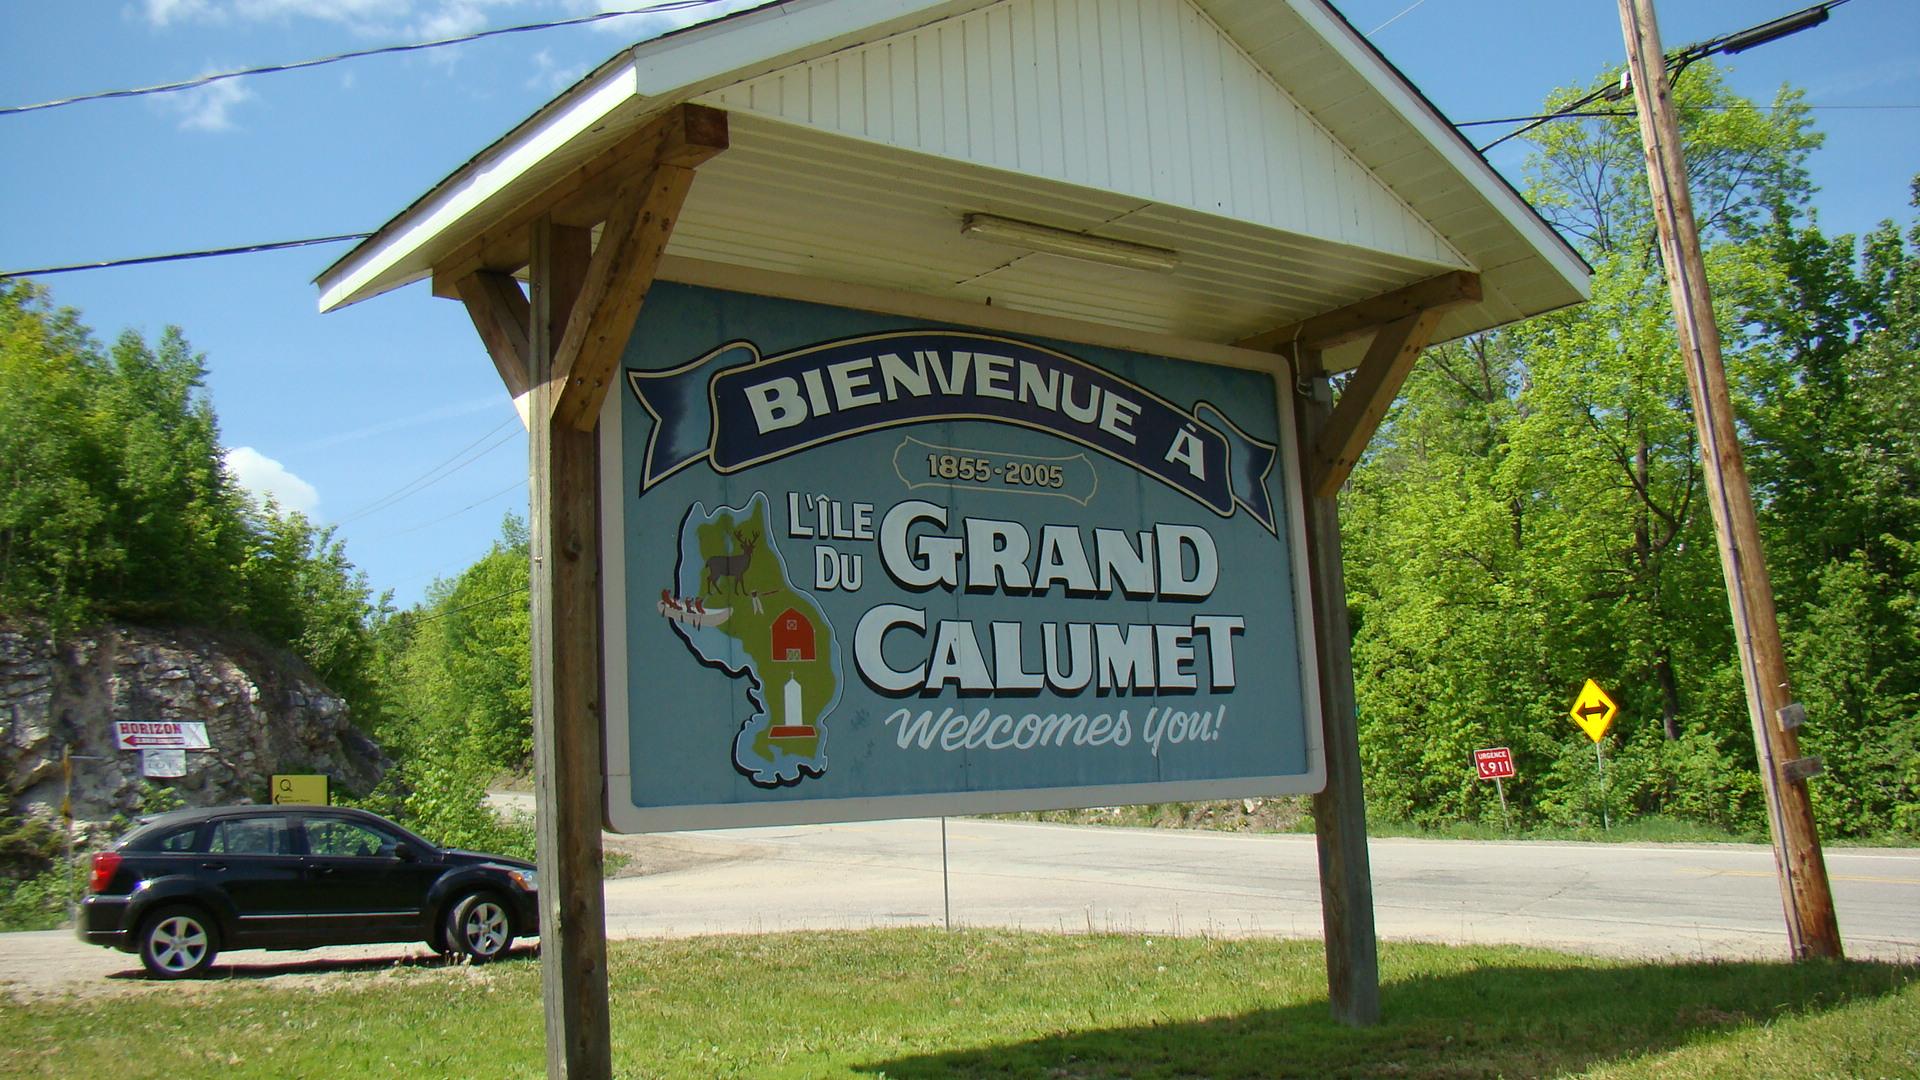 Calumet Island Pontiac County Quebec The Man Who Lived